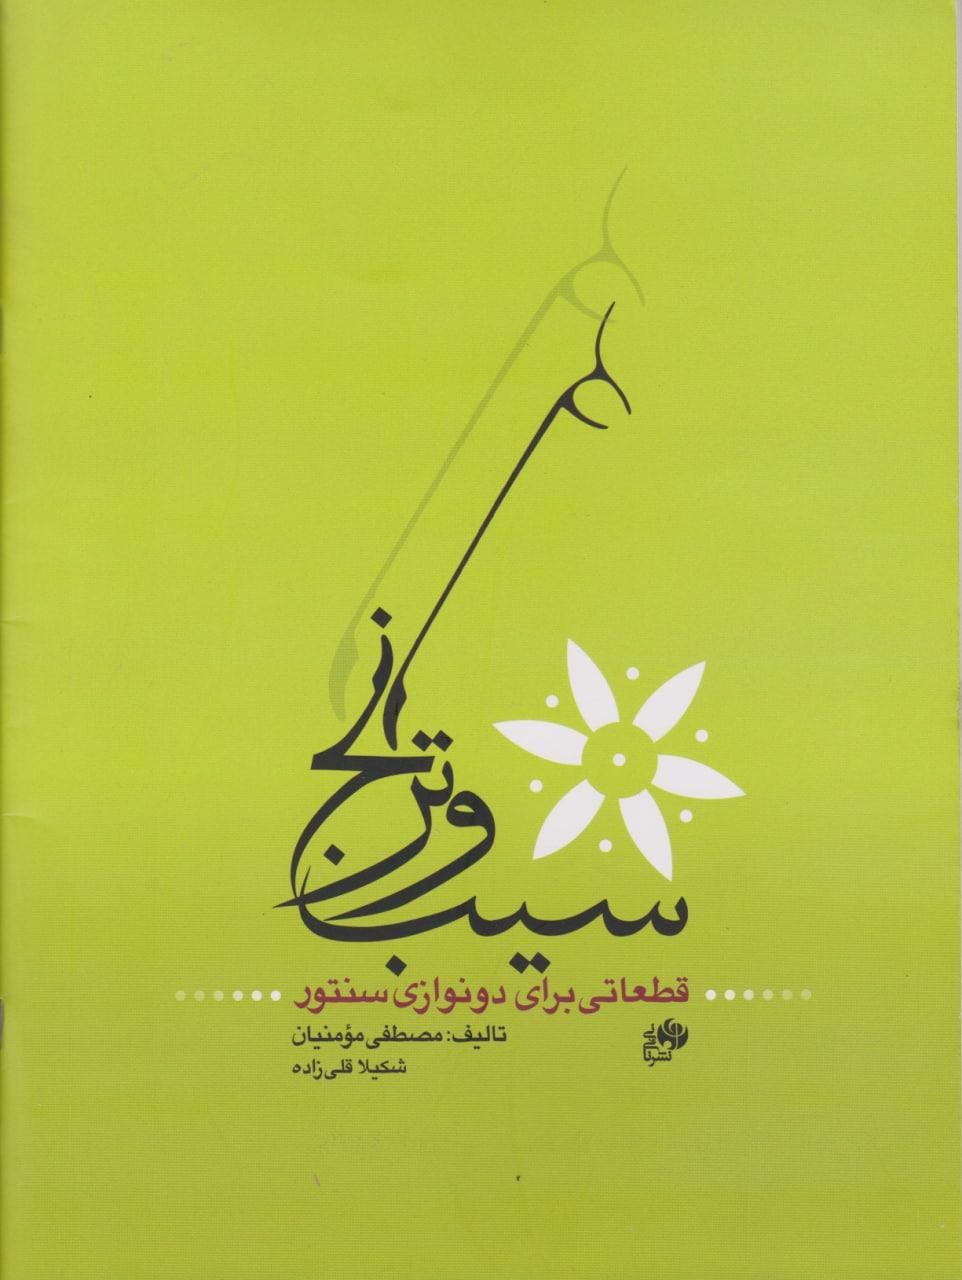 کتاب سیب و ترنج مصطفی مومنیان شکیلا قلی زاده انتشارات نایونی